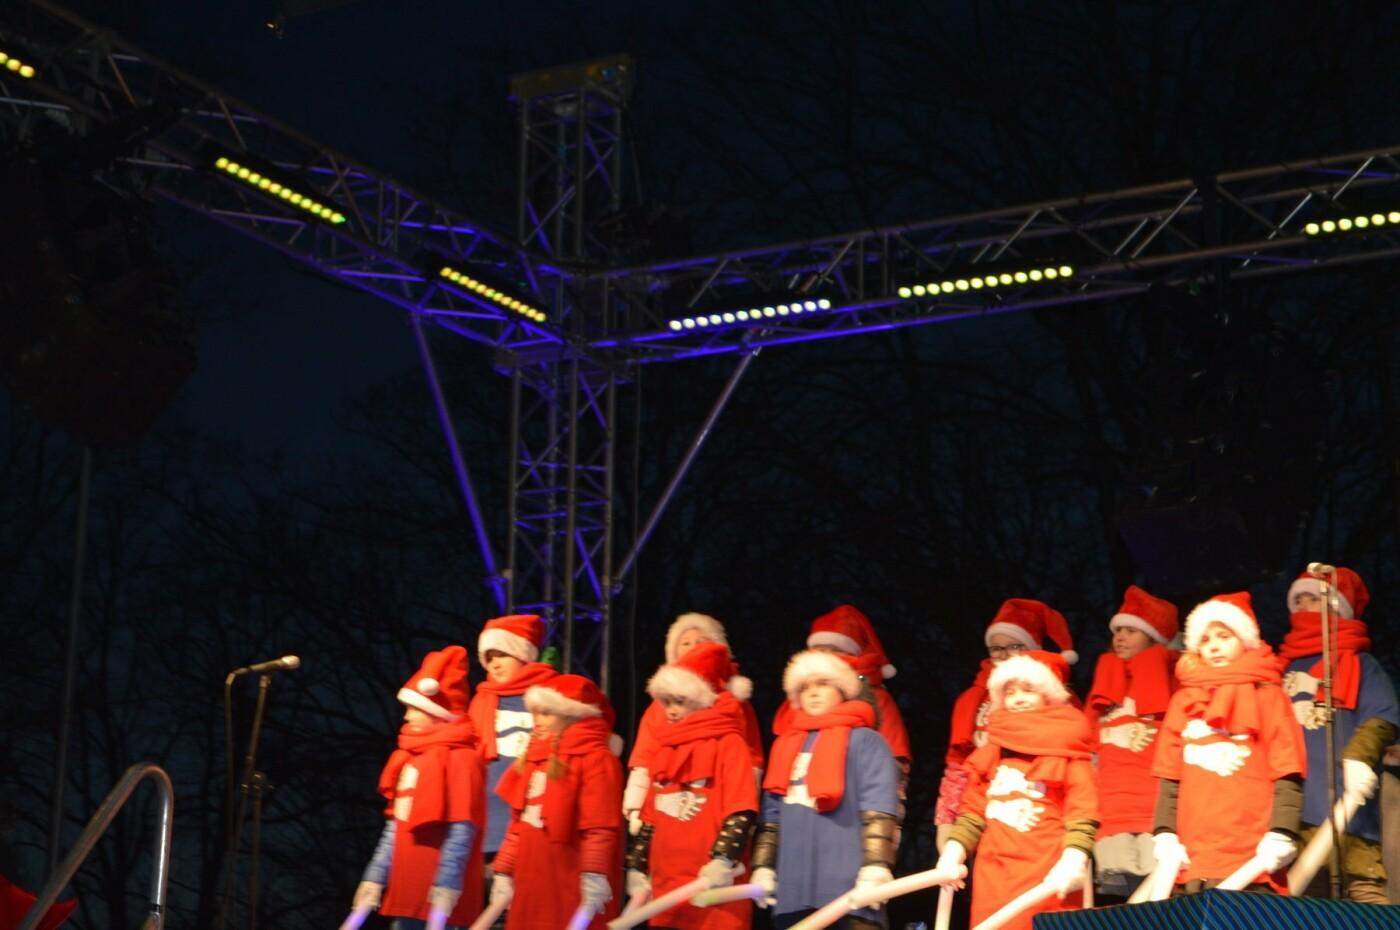 Palanga įžiebė eglę ir suspindo tūkstančiais kalėdinių šviesų, nuotrauka-13